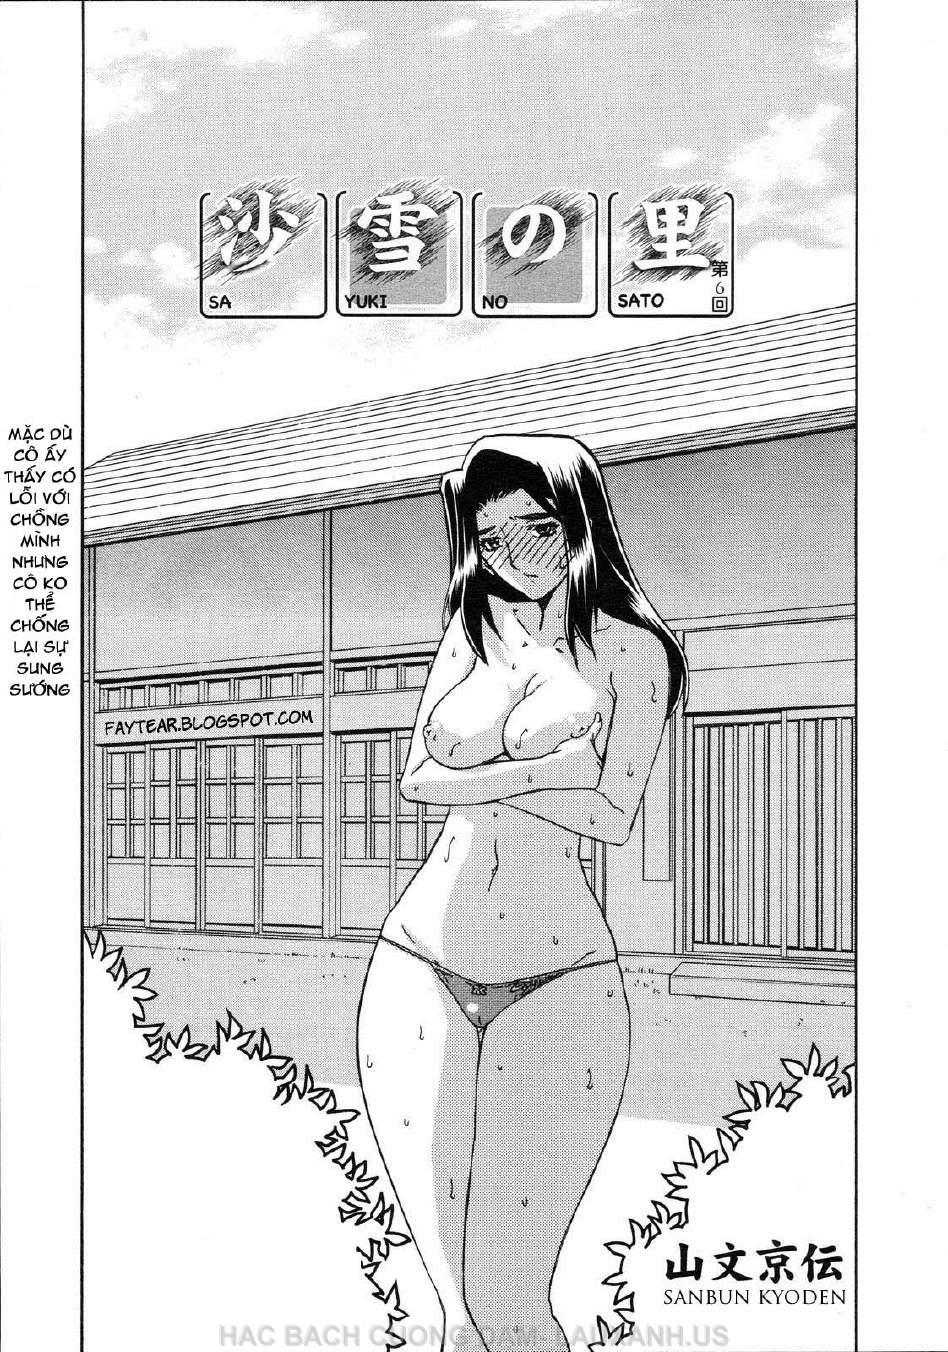 Hình ảnh hentailxers.blogspot.com0083 trong bài viết Manga H Sayuki no Sato